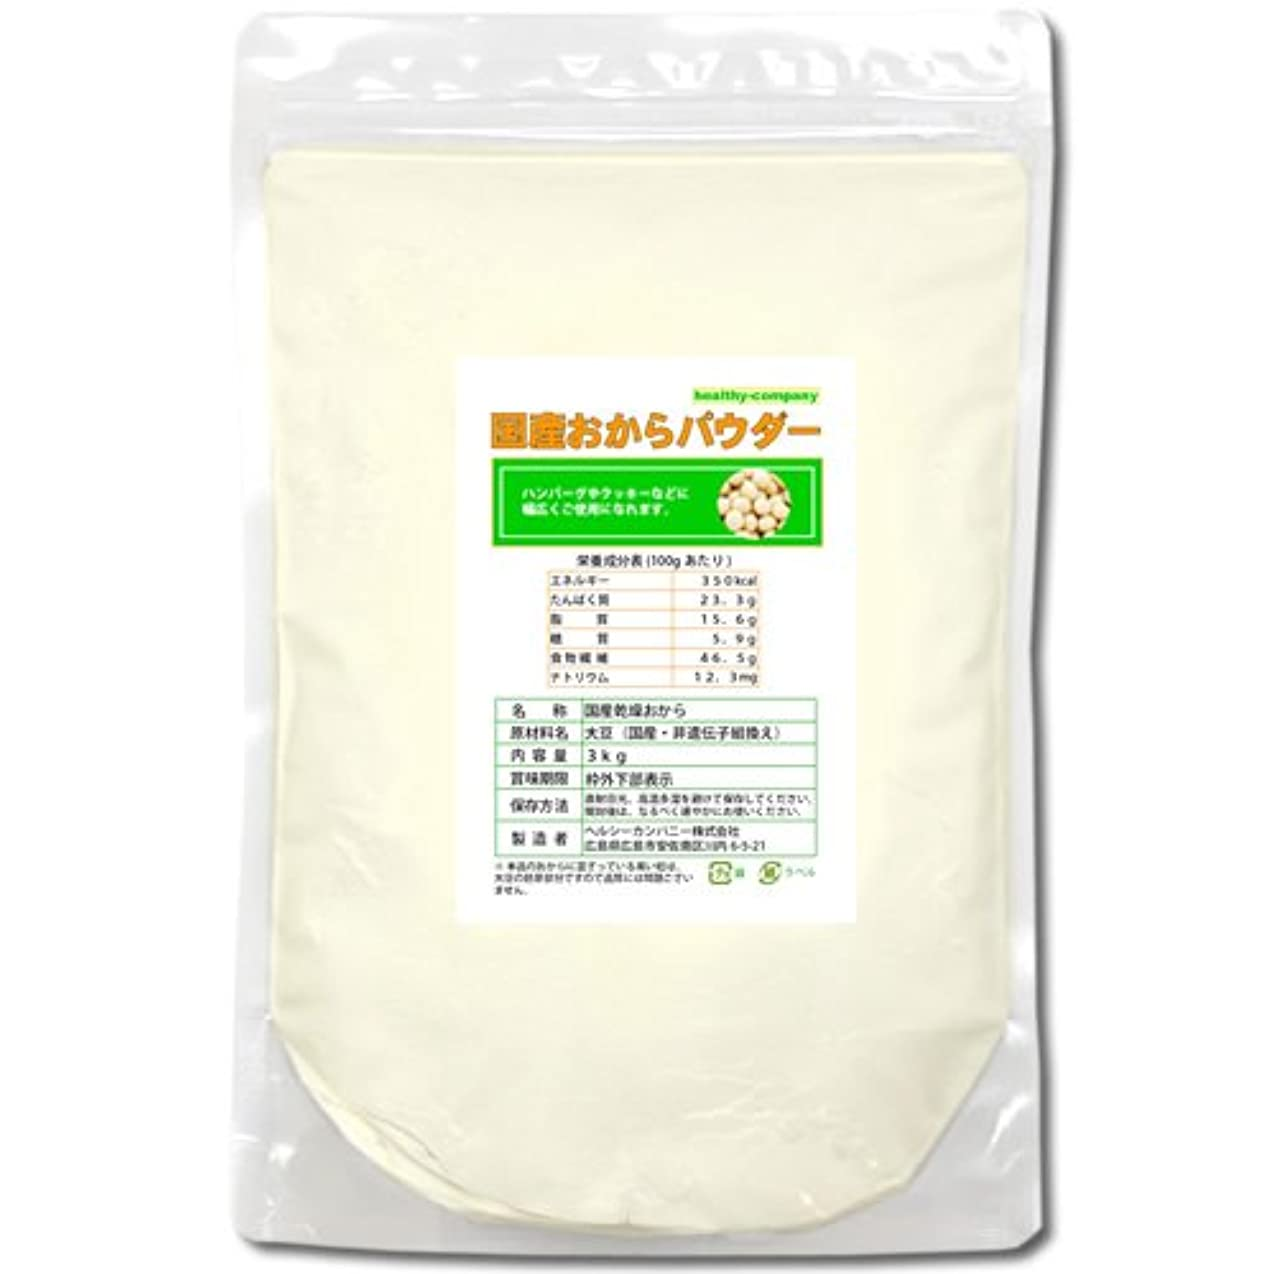 アレルギー性あなたは初期の国産大豆100%おからパウダー3kg(乾燥 粉末 ヘルシーカンパニー)